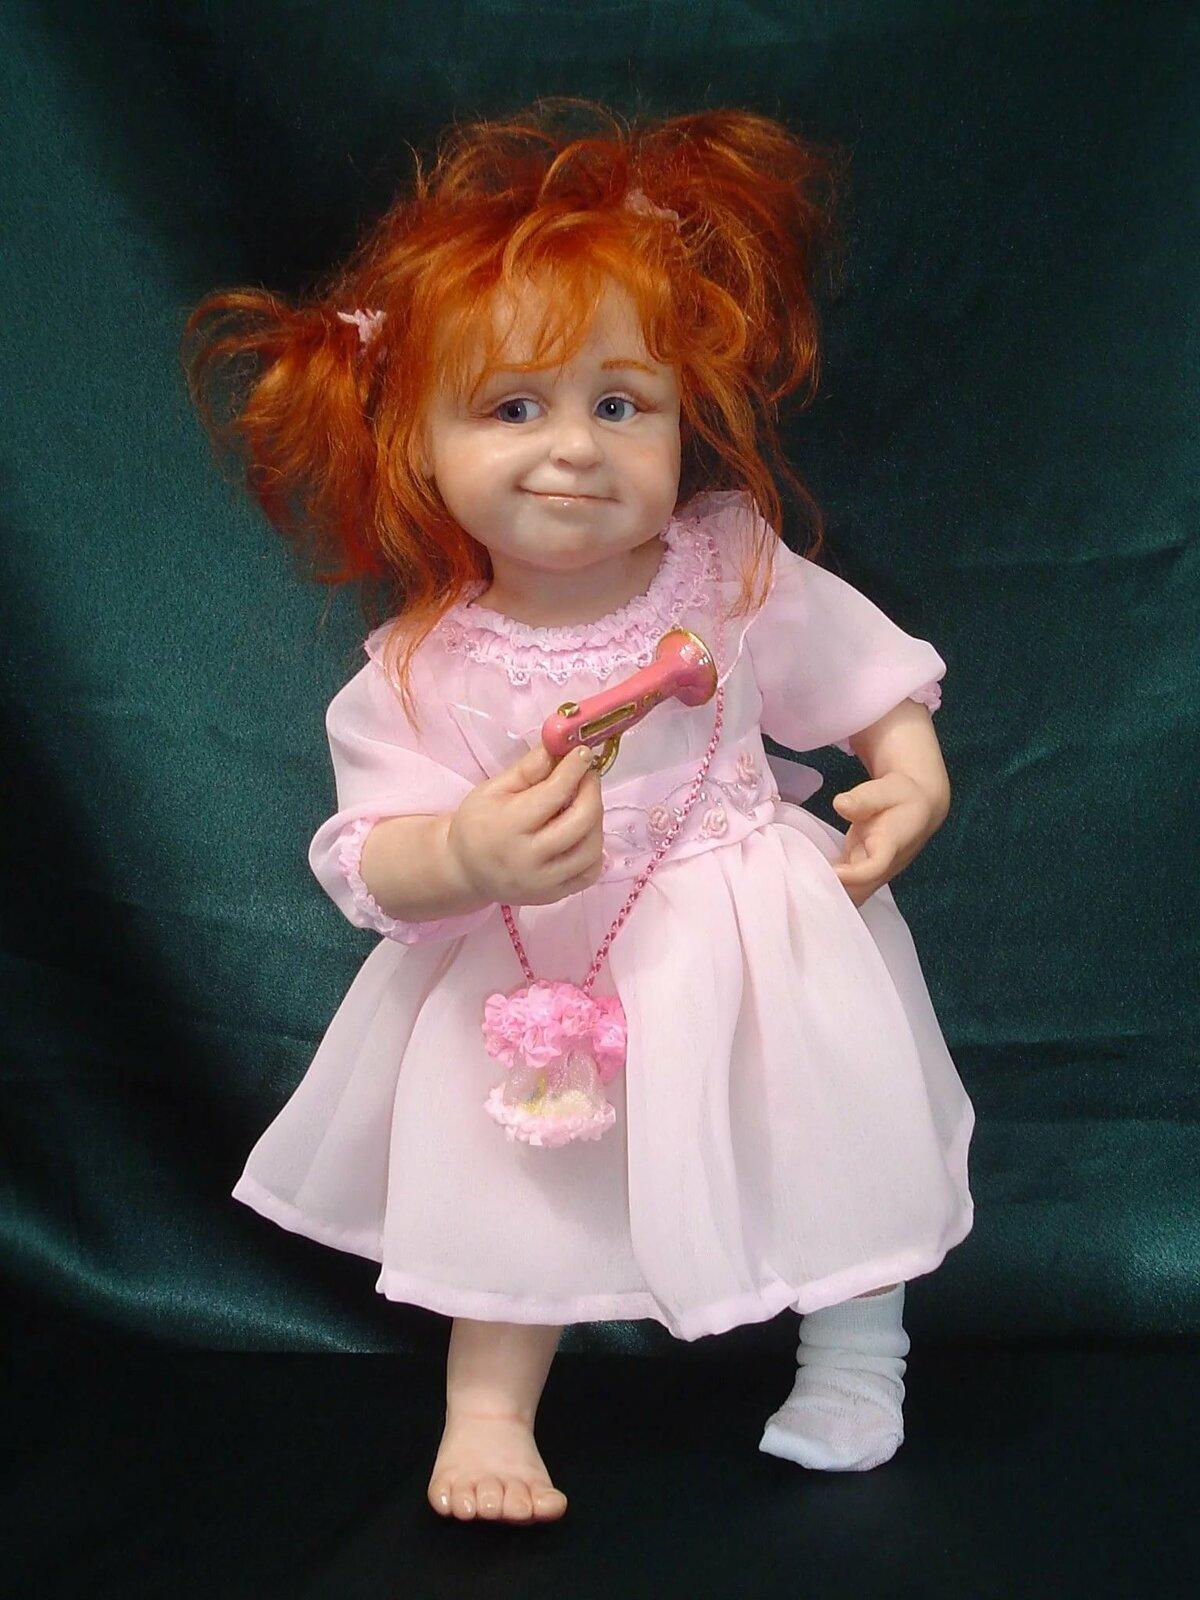 Фото кукол прикольных, открытку картинки про